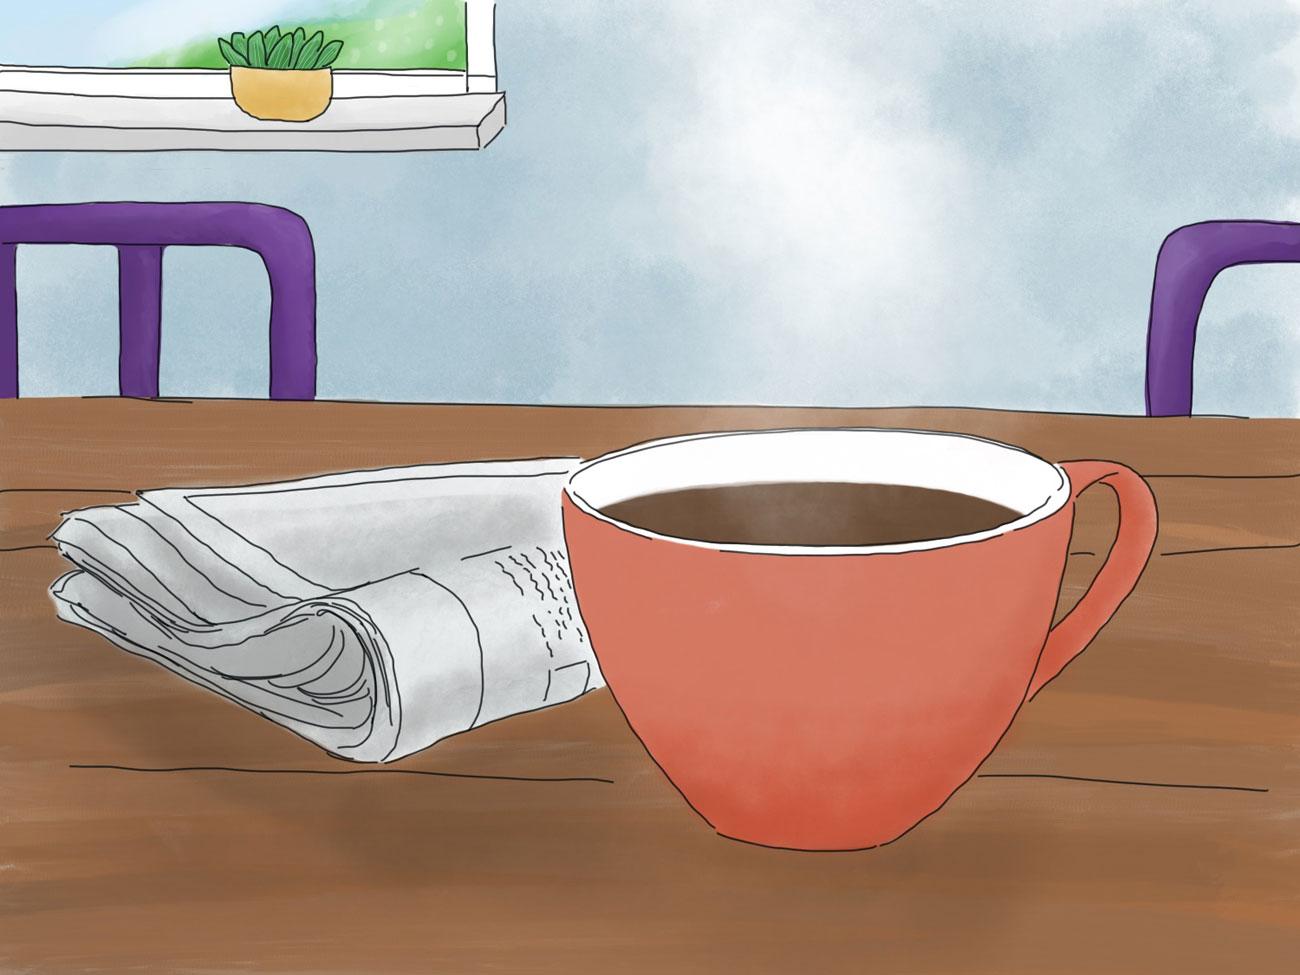 Ein orangener Becher mit Kaffee steht auf einem Tisch. Daneben liegt eine Zeitung. Im Hintergrund sieht man zwei lila Stuhllehnen und einen Ausschnitt eines Fensters